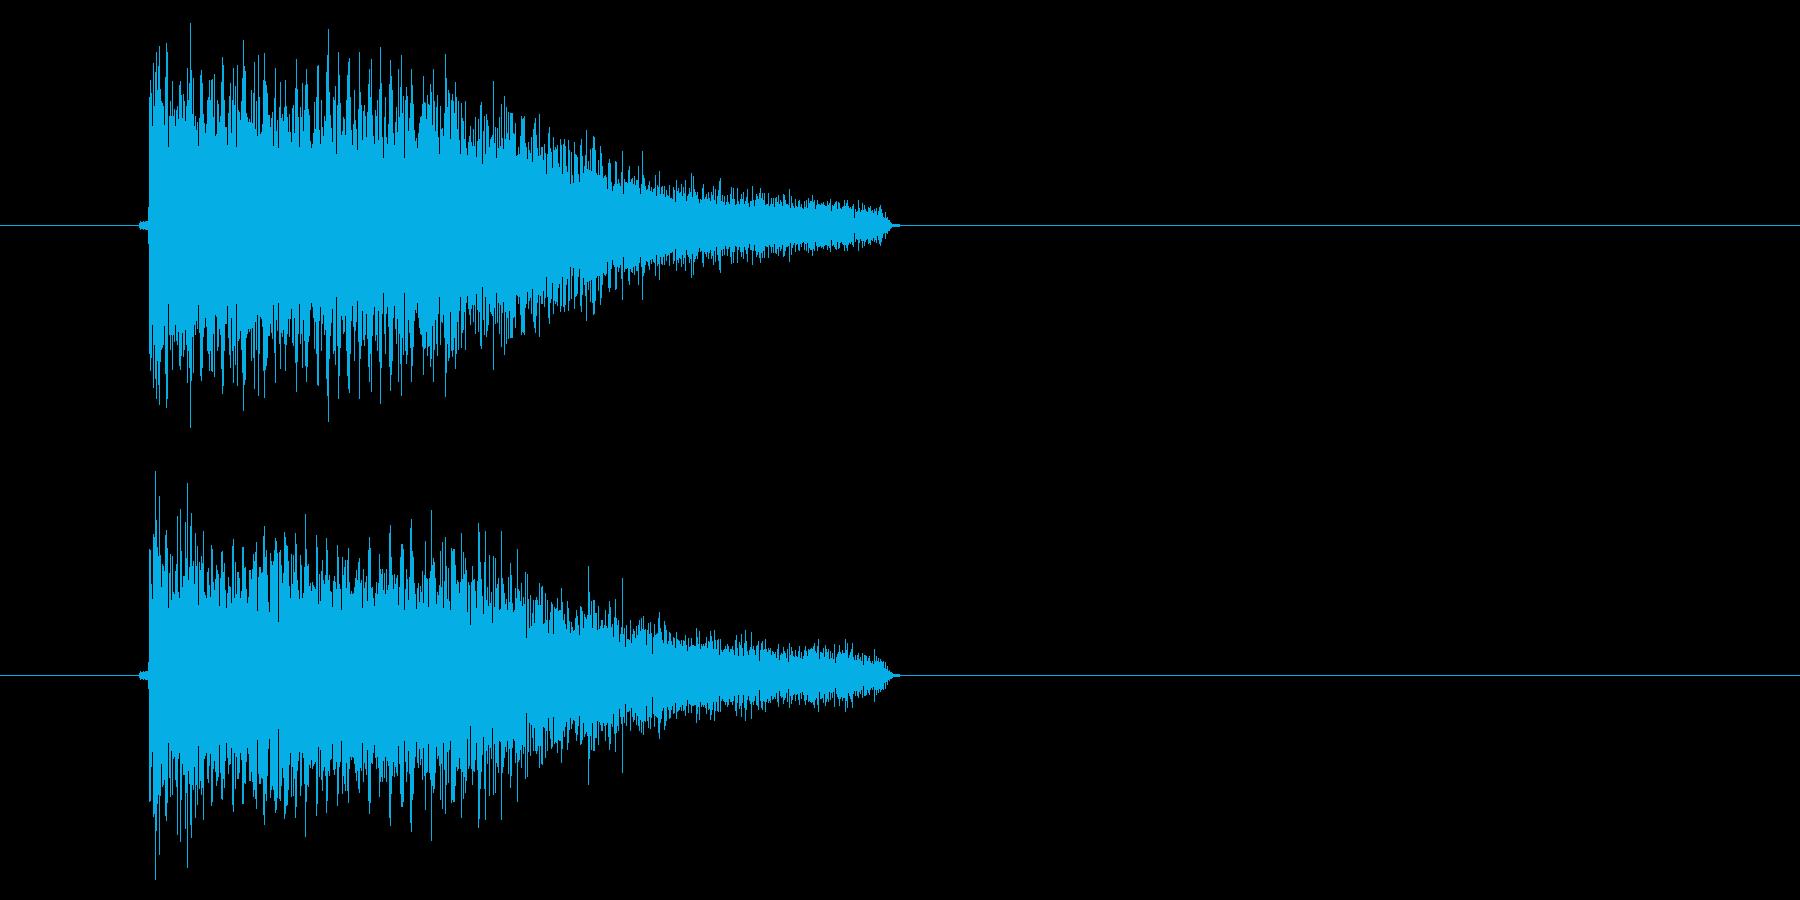 ビービュン(ゲームなどのビーム発射音)の再生済みの波形